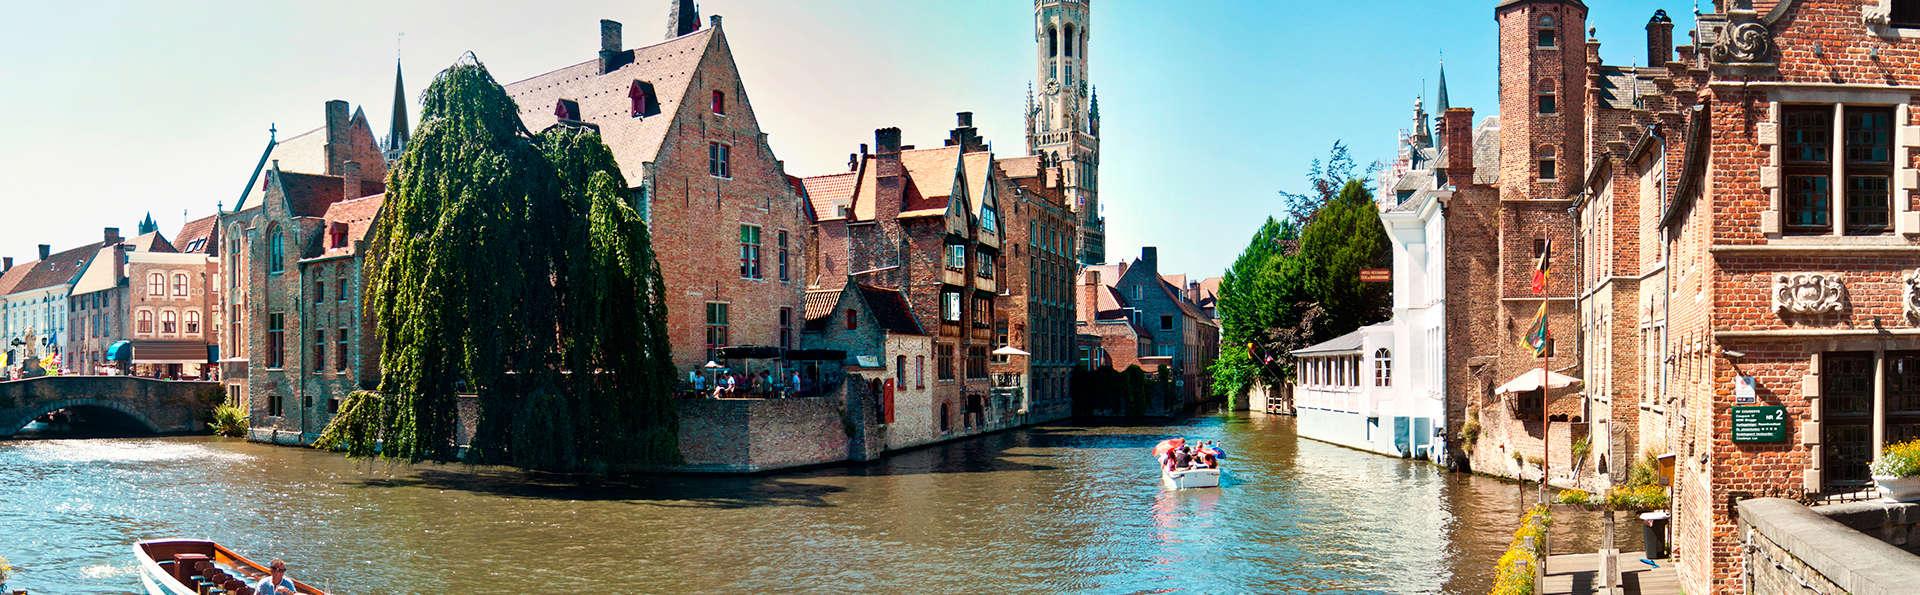 Découvrez Bruges, la Venice du Nord en bateau sur les canaux